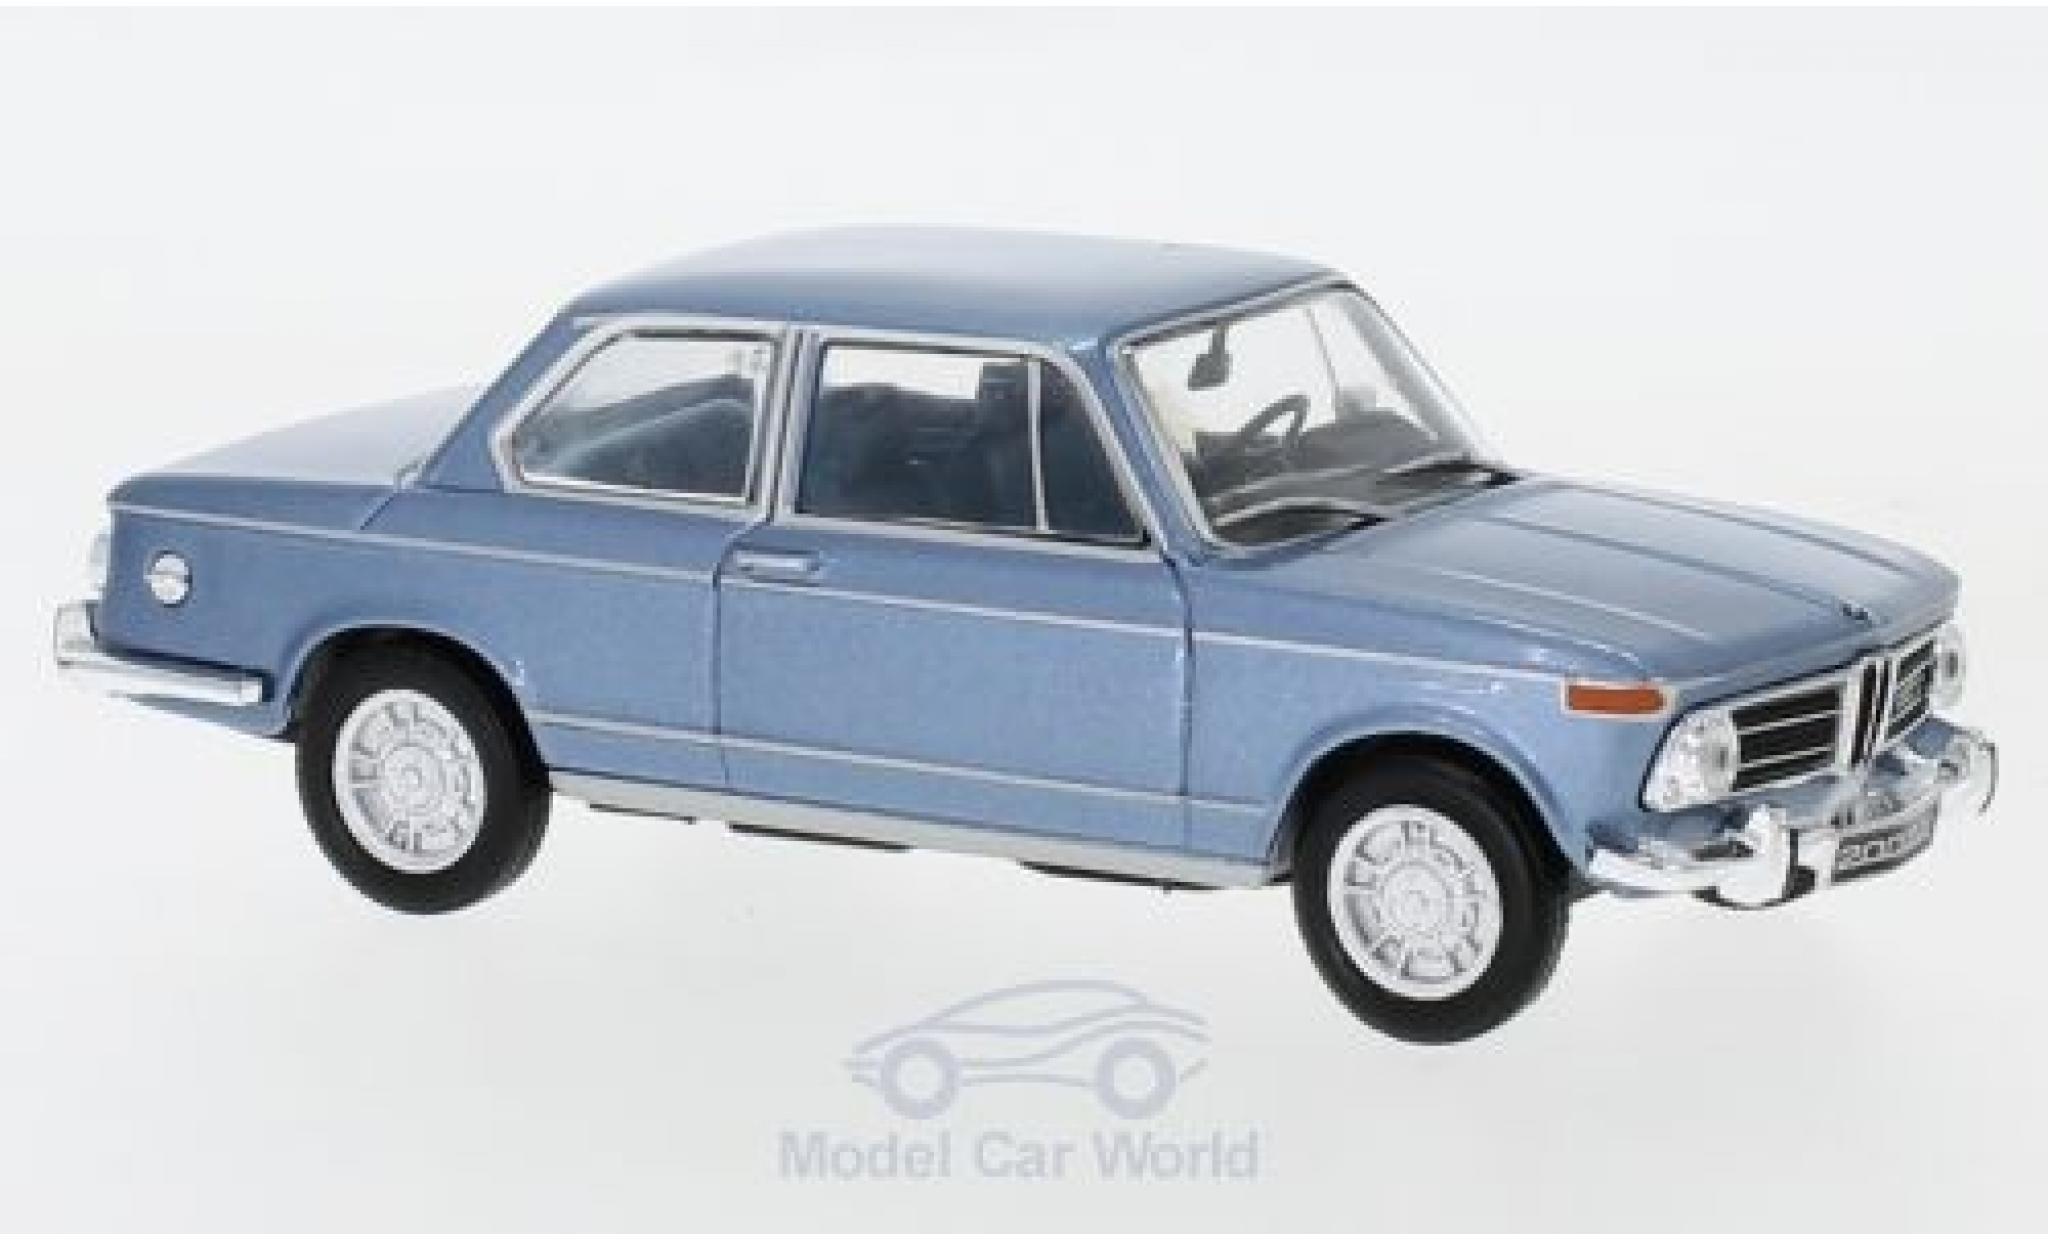 Bmw 2002 1/43 WhiteBox ti metallic blue 1968